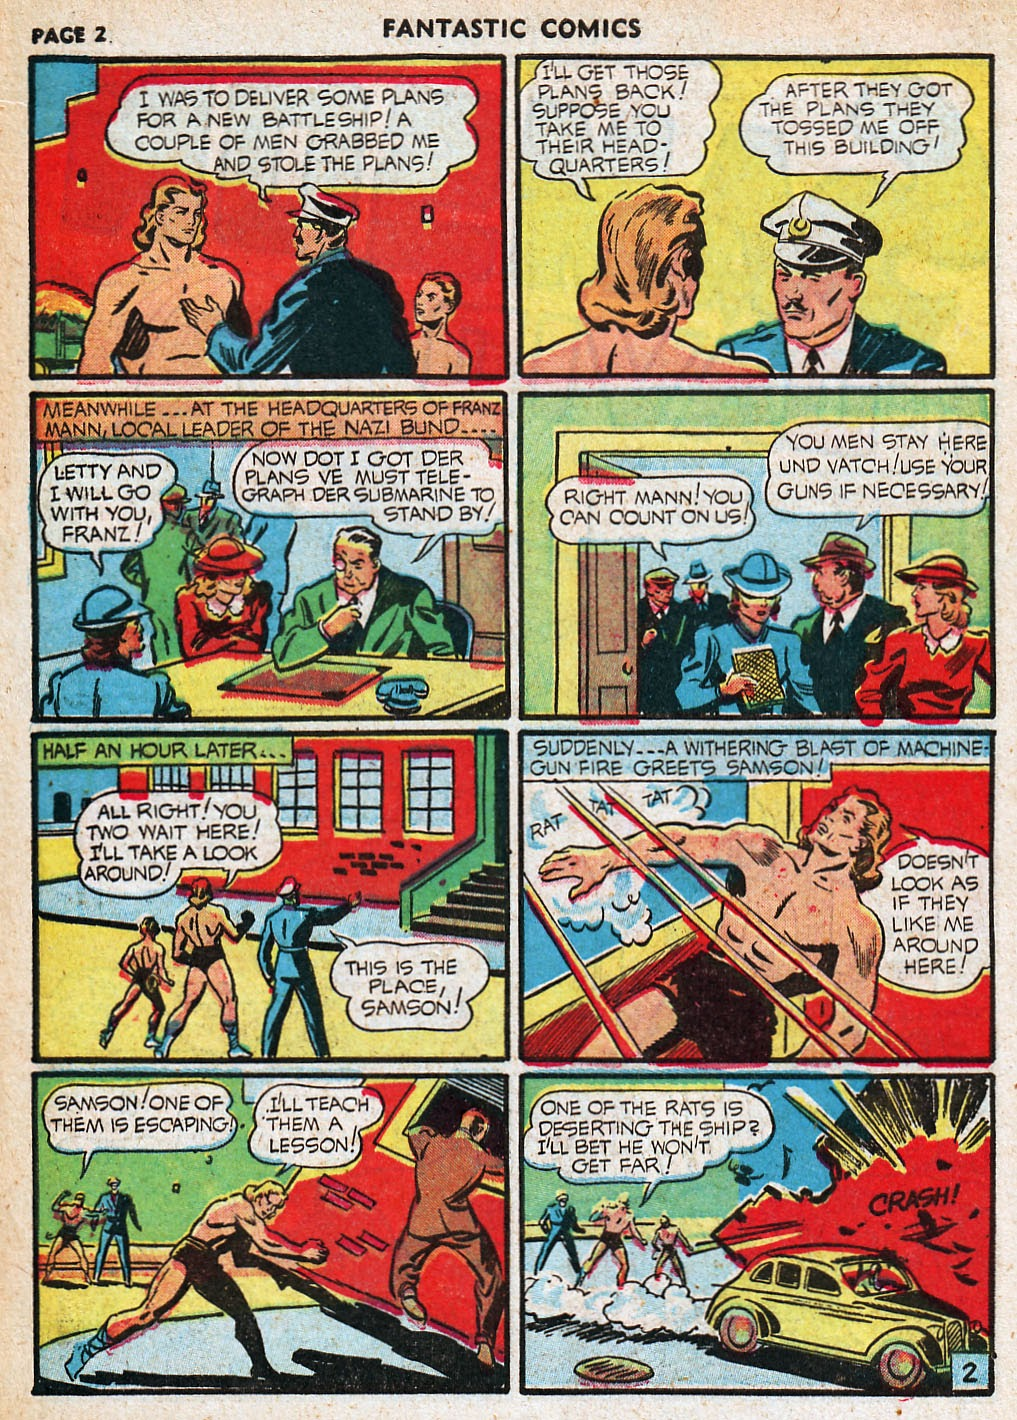 Read online Fantastic Comics comic -  Issue #20 - 3